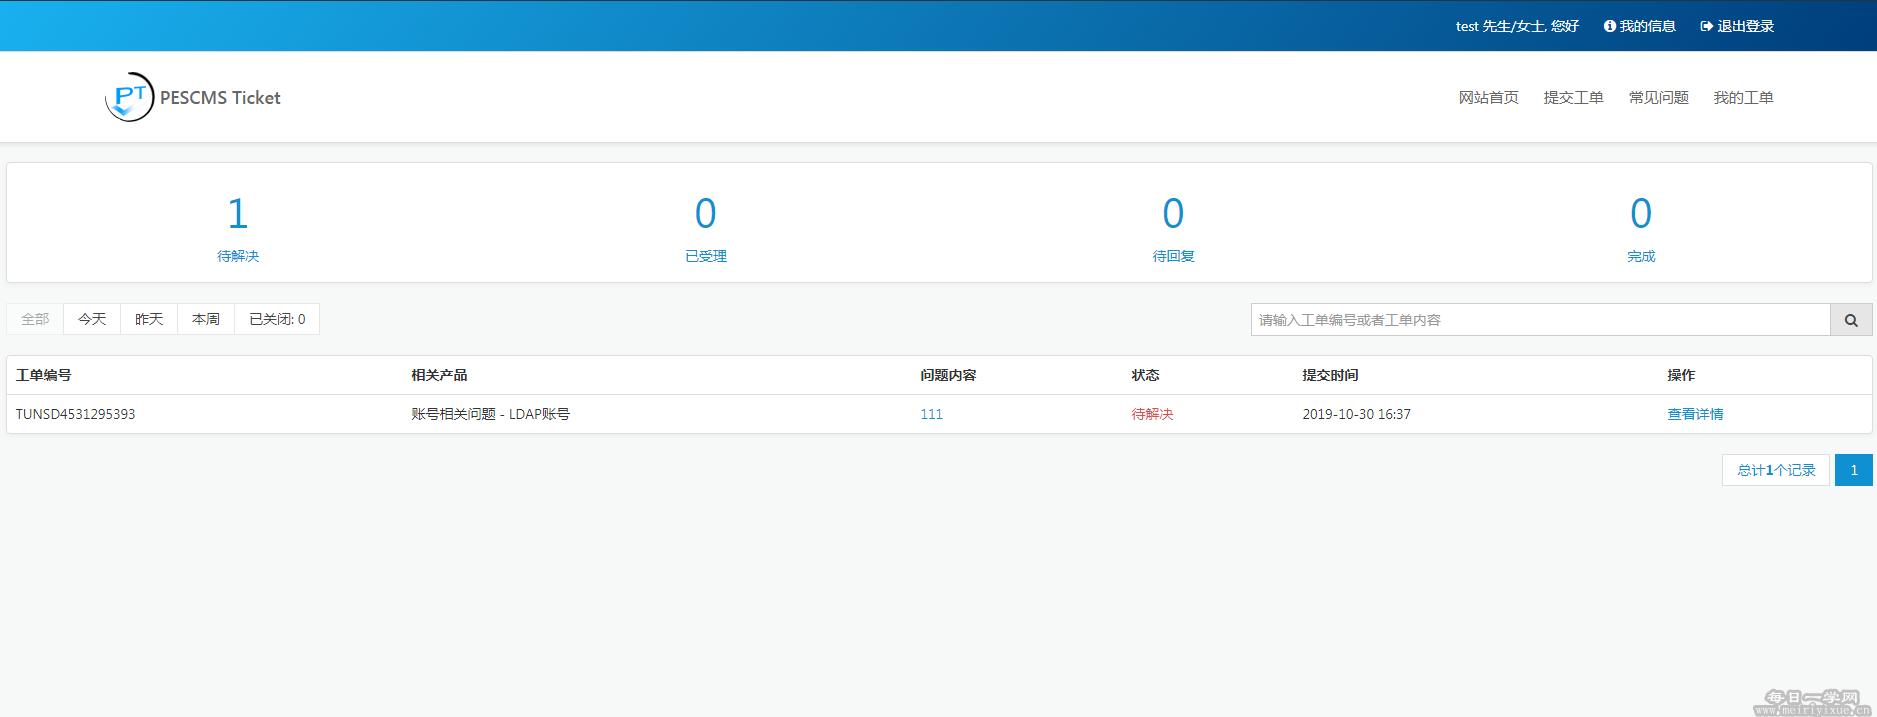 PESCMS TICKET客服工单系统源码,支持企业微信消息对接 源码下载 第4张